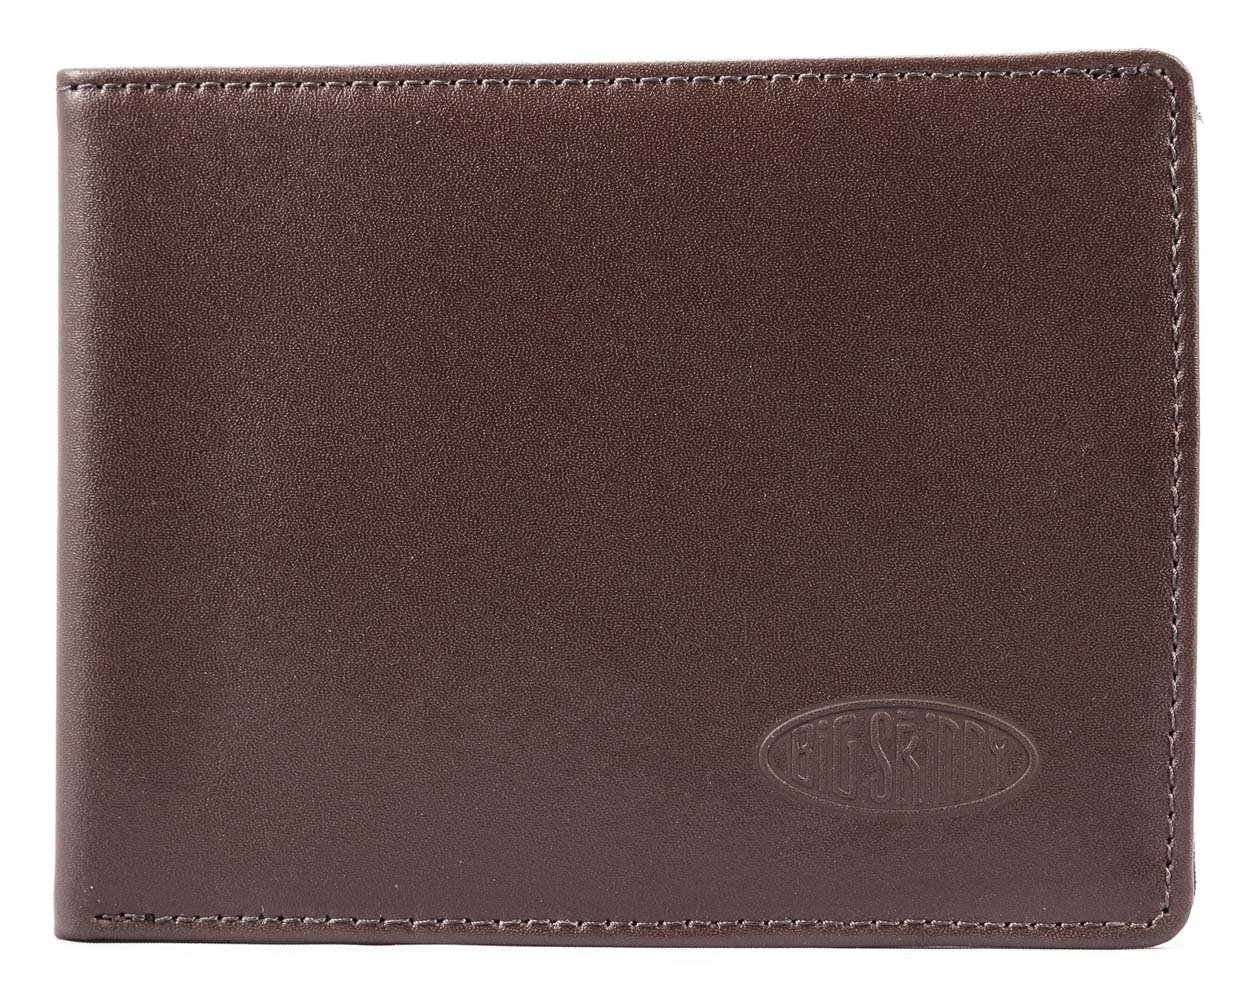 Big Skinny Men's Super Skinny Leather Bi-Fold Slim Wallet, Holds Up to 30 Cards, Brown